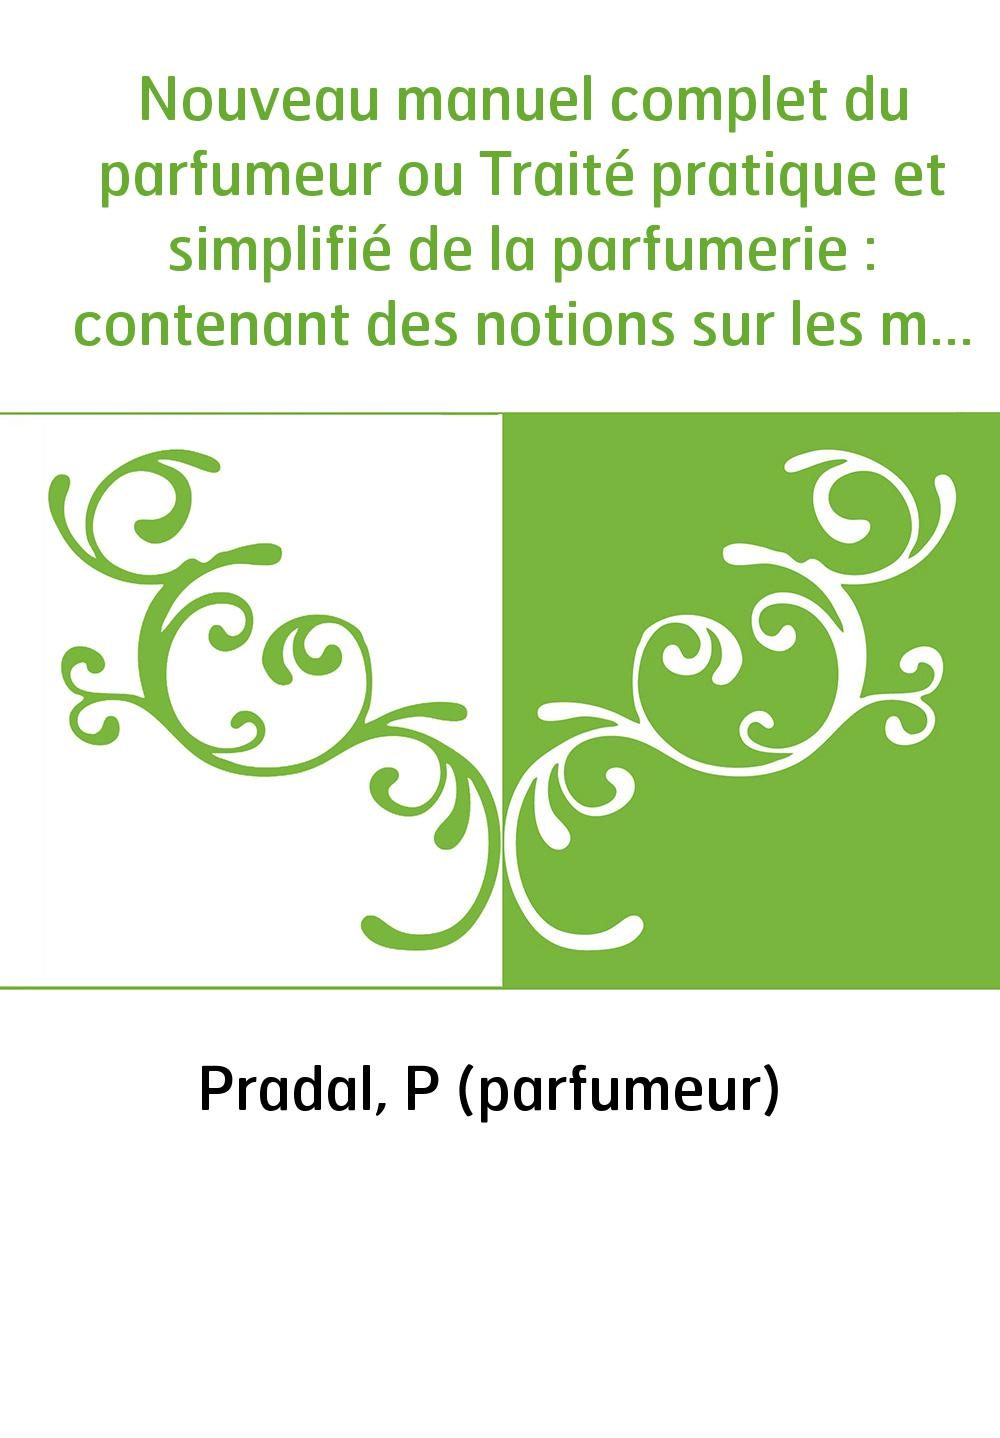 Nouveau manuel complet du parfumeur ou Traité pratique et simplifié de la parfumerie : contenant des notions sur les matières pr